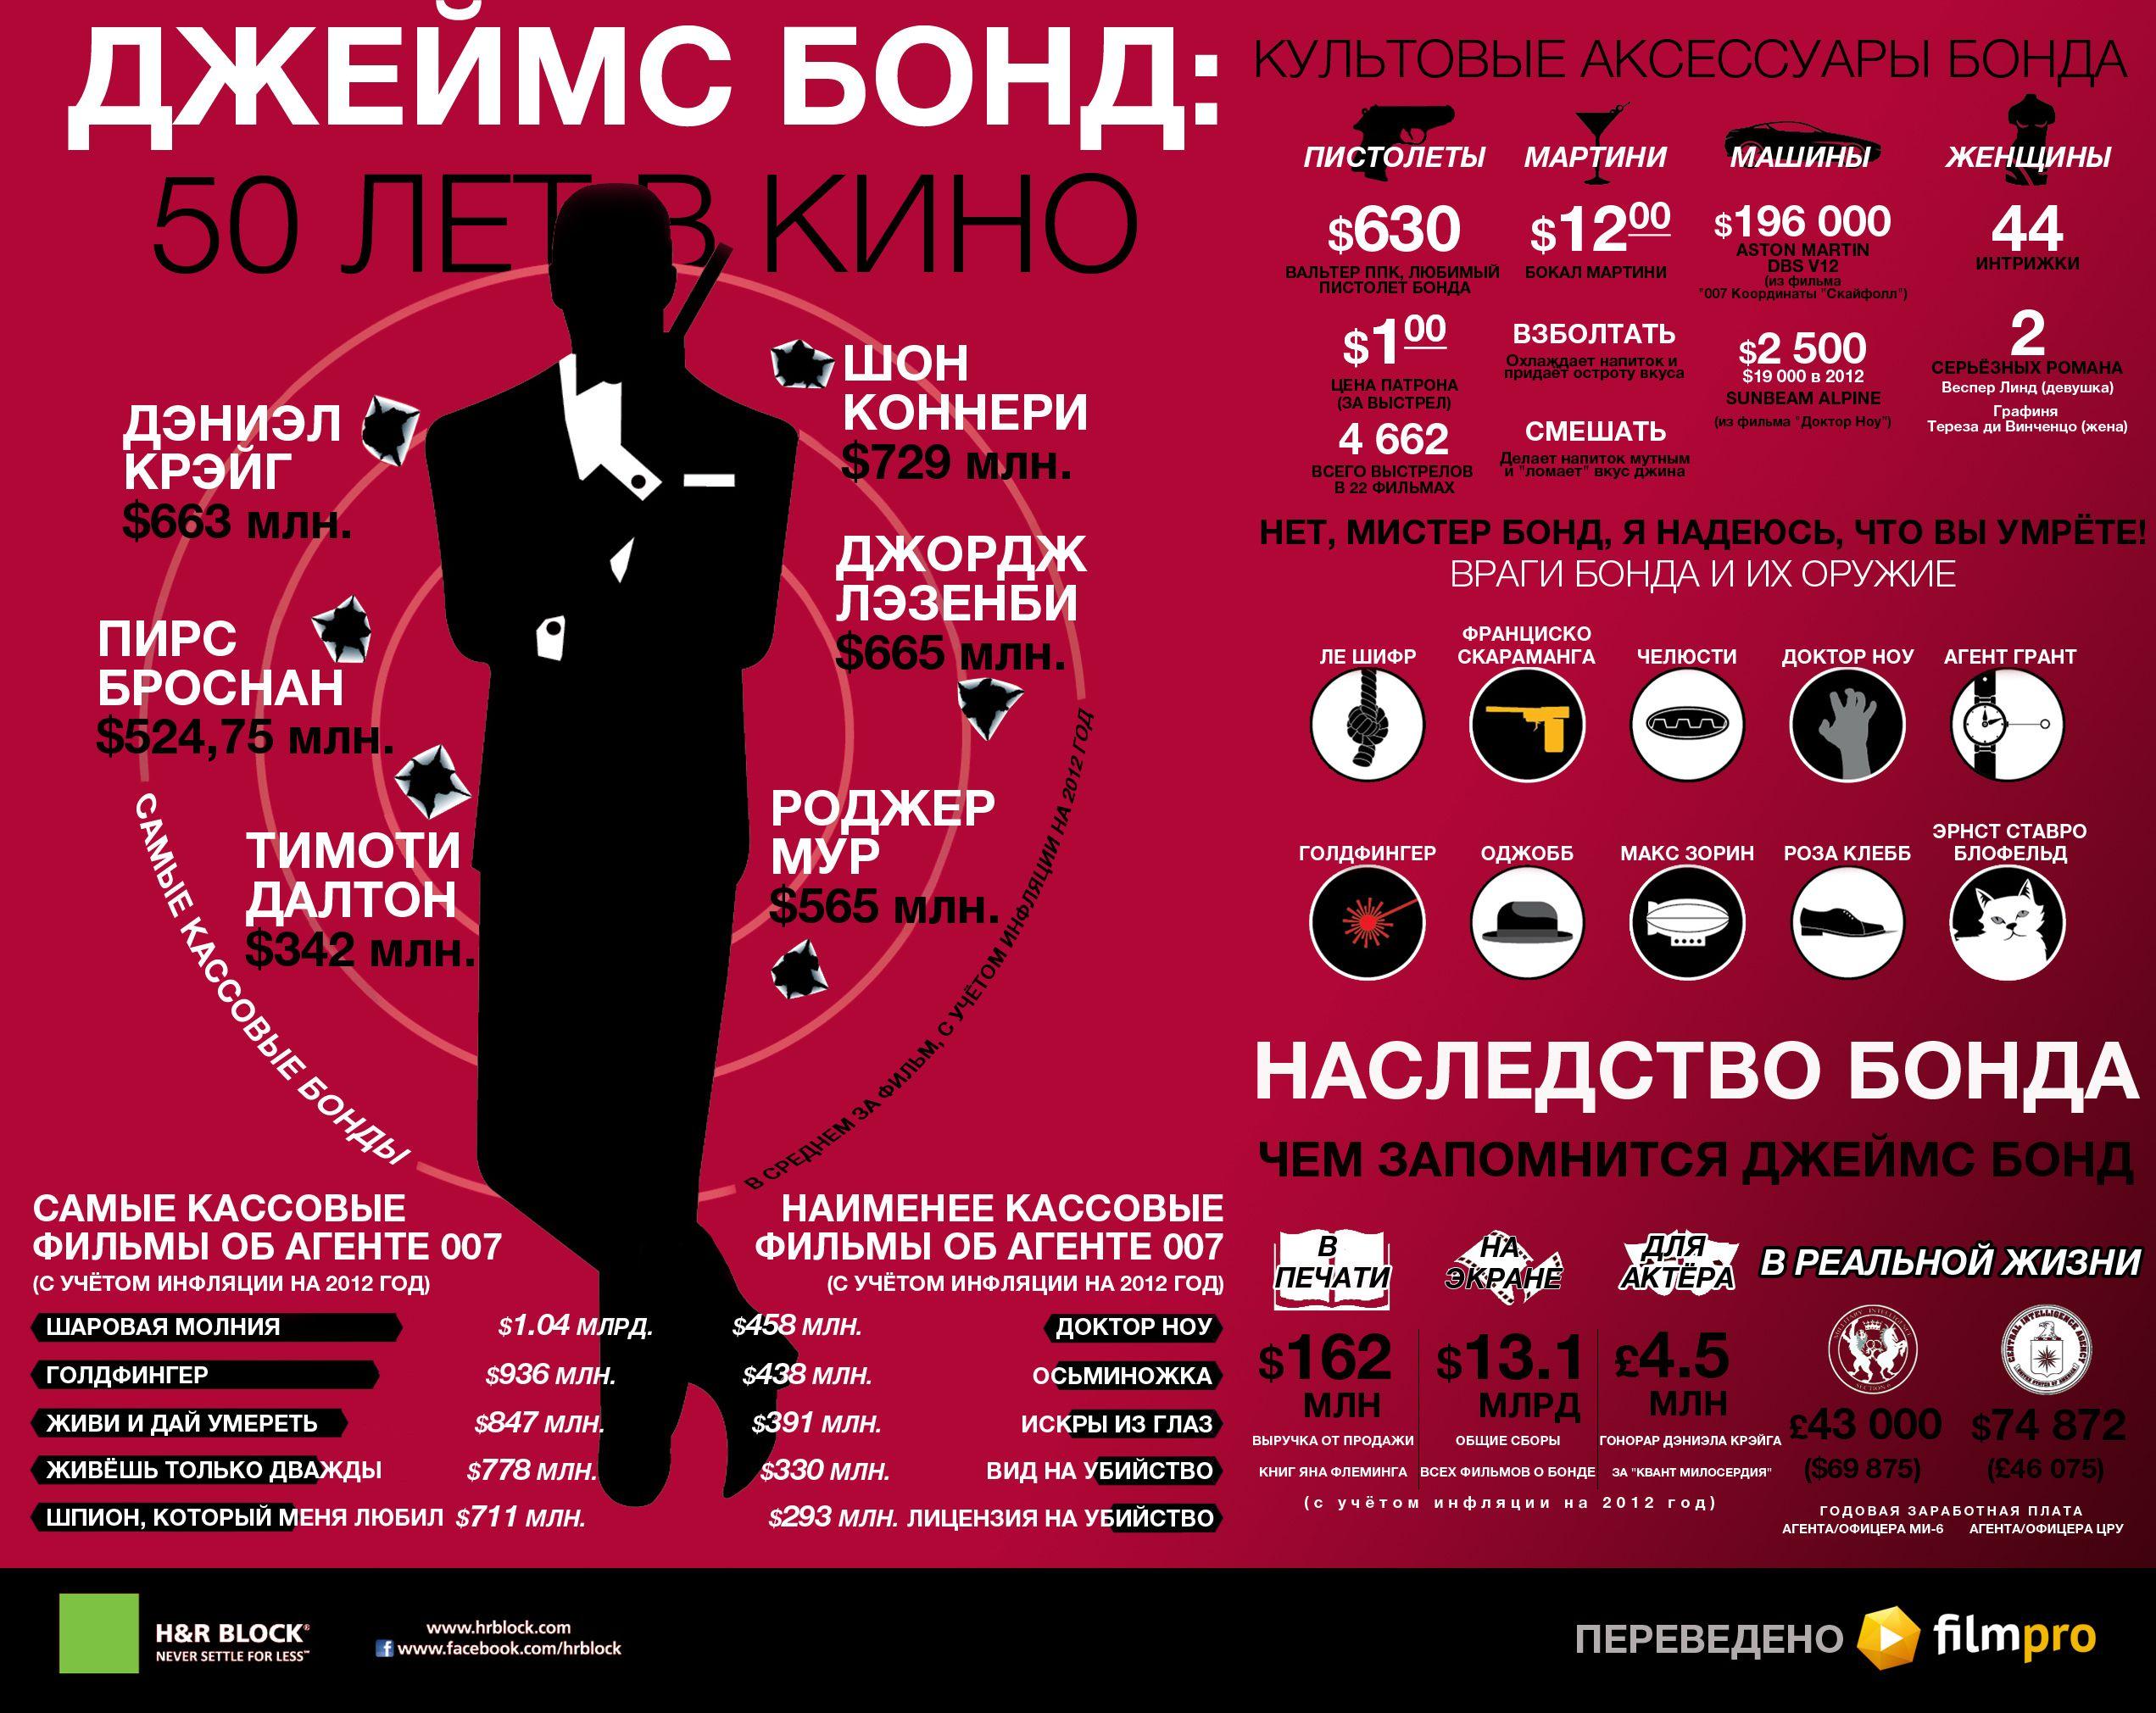 Инфографика: Джеймс Бонд 50 лет в кино